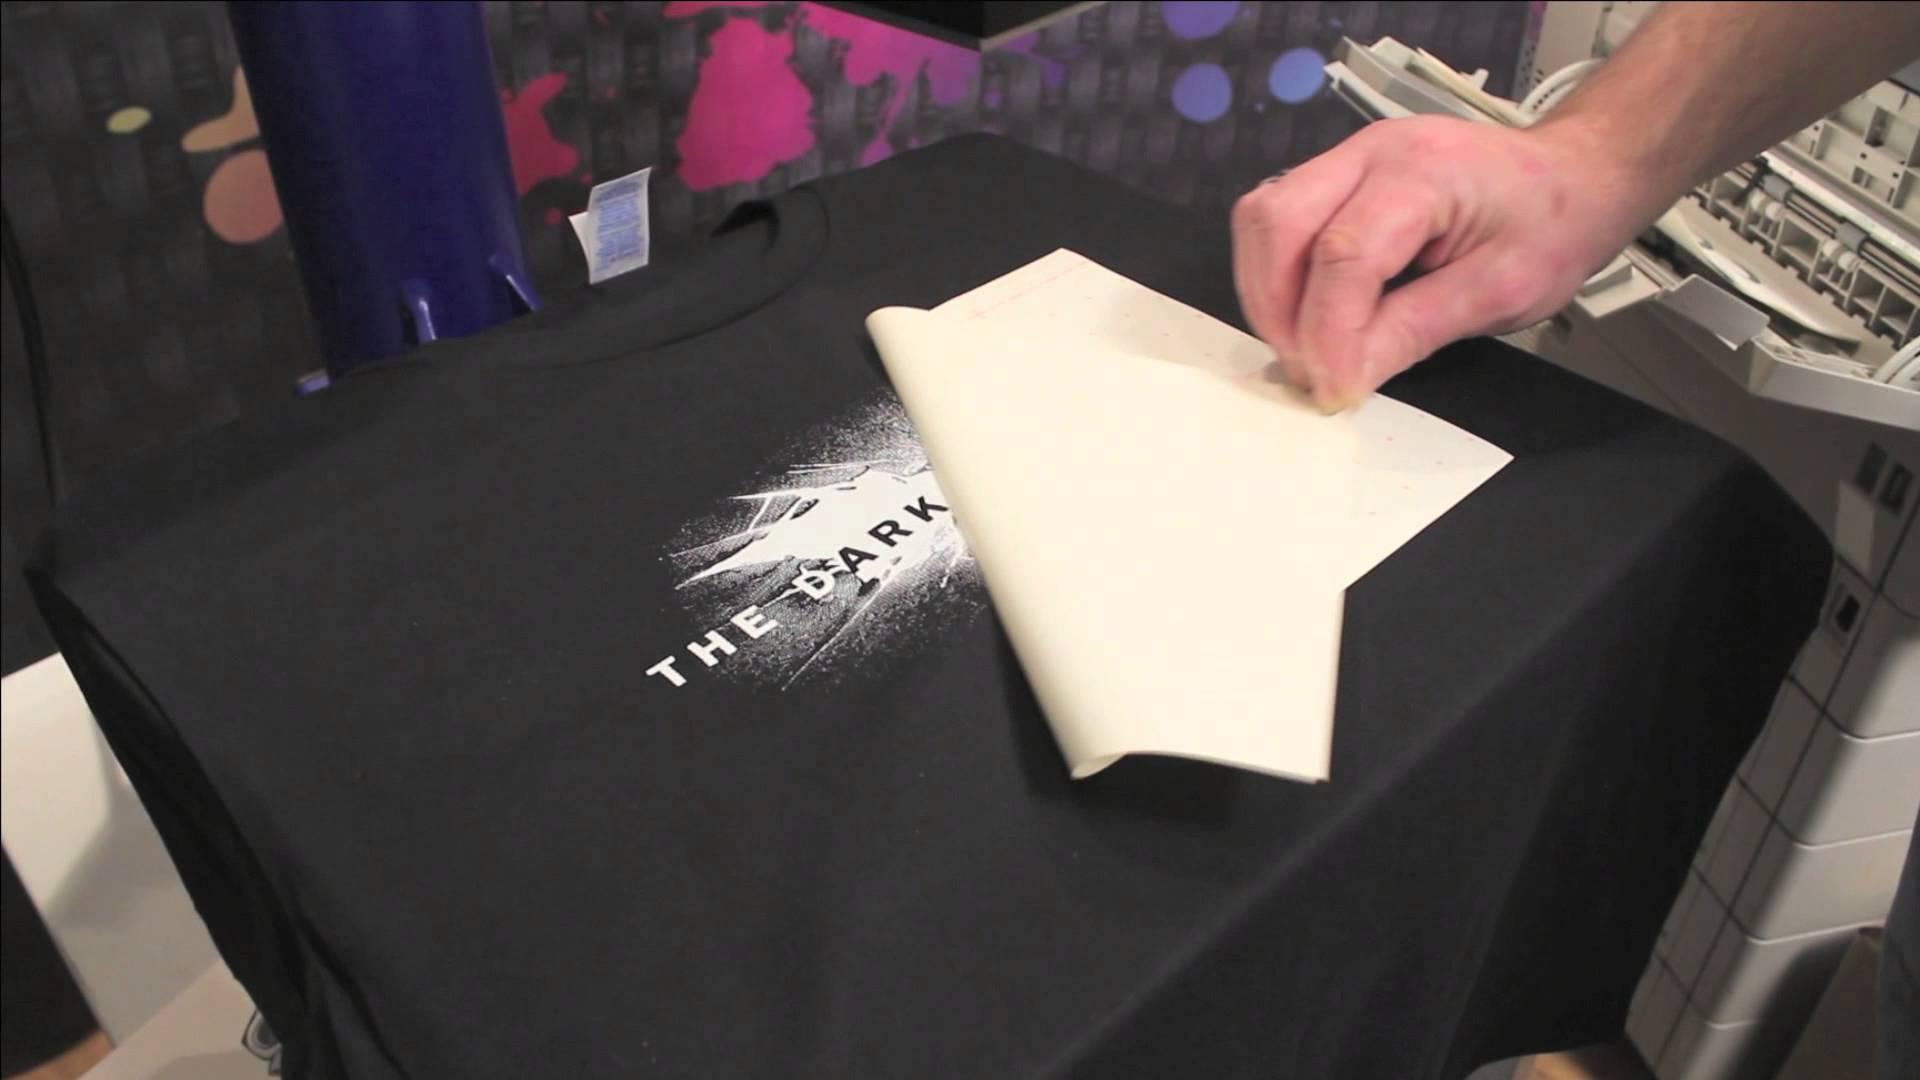 come stamapre con il transfer laser su tshirt